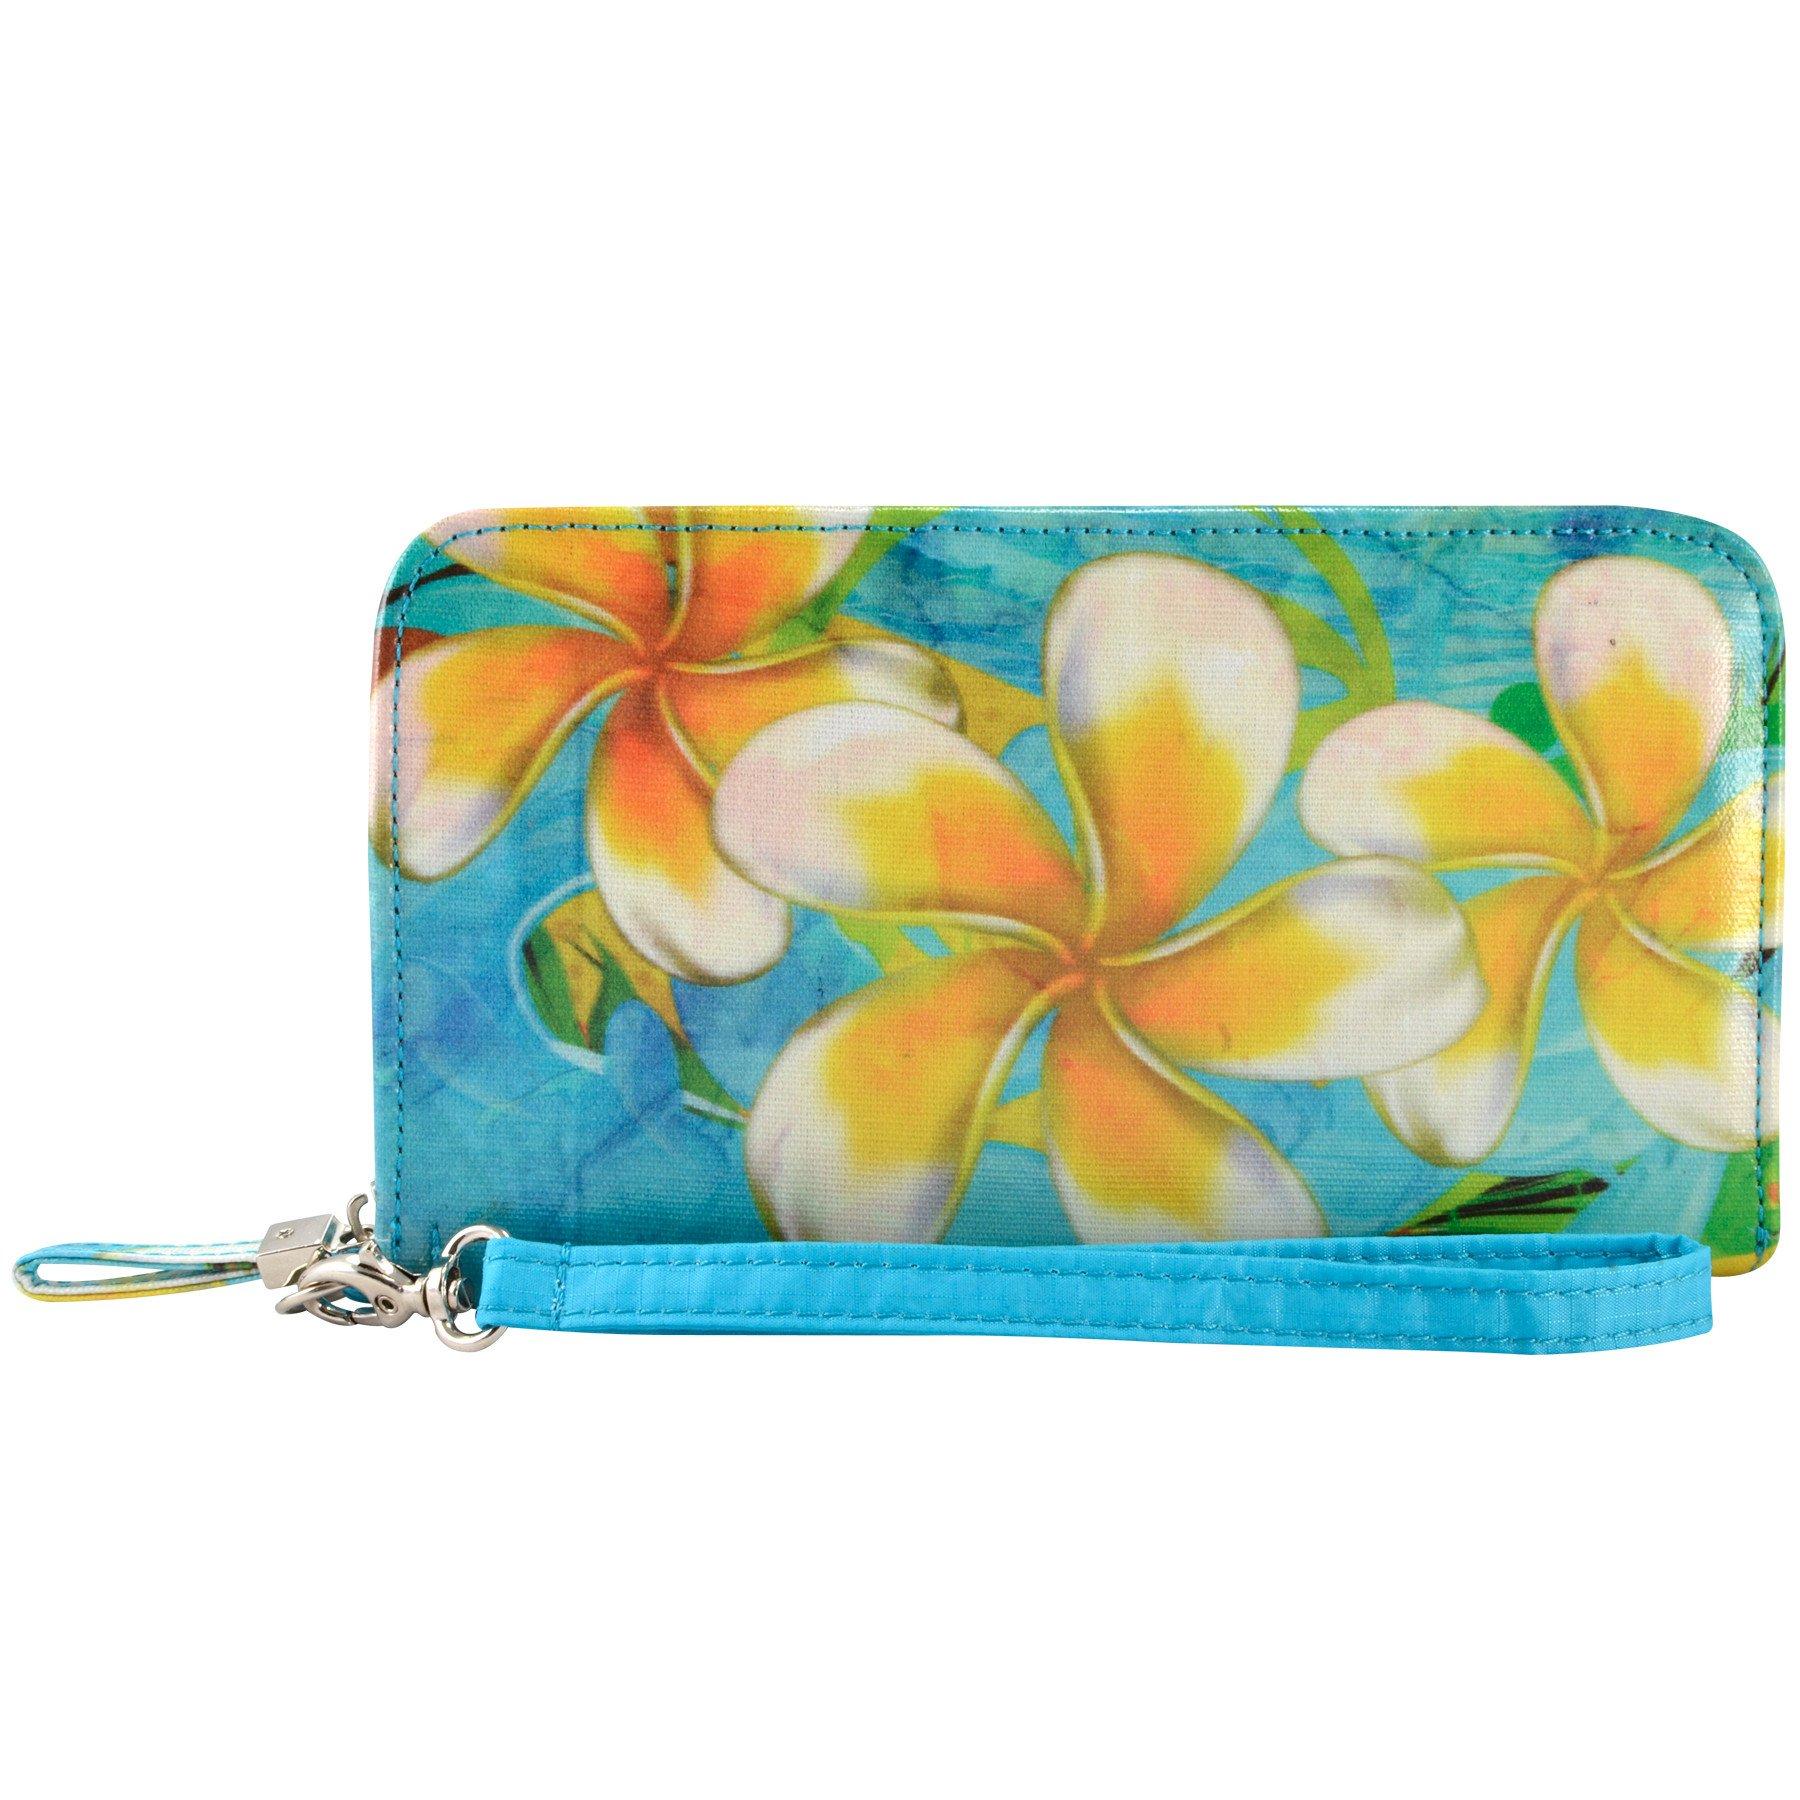 Alicia Klein® PLUMERIA VEGAN Zip Around Phone Card Coin Wristlet Clutch Wallet